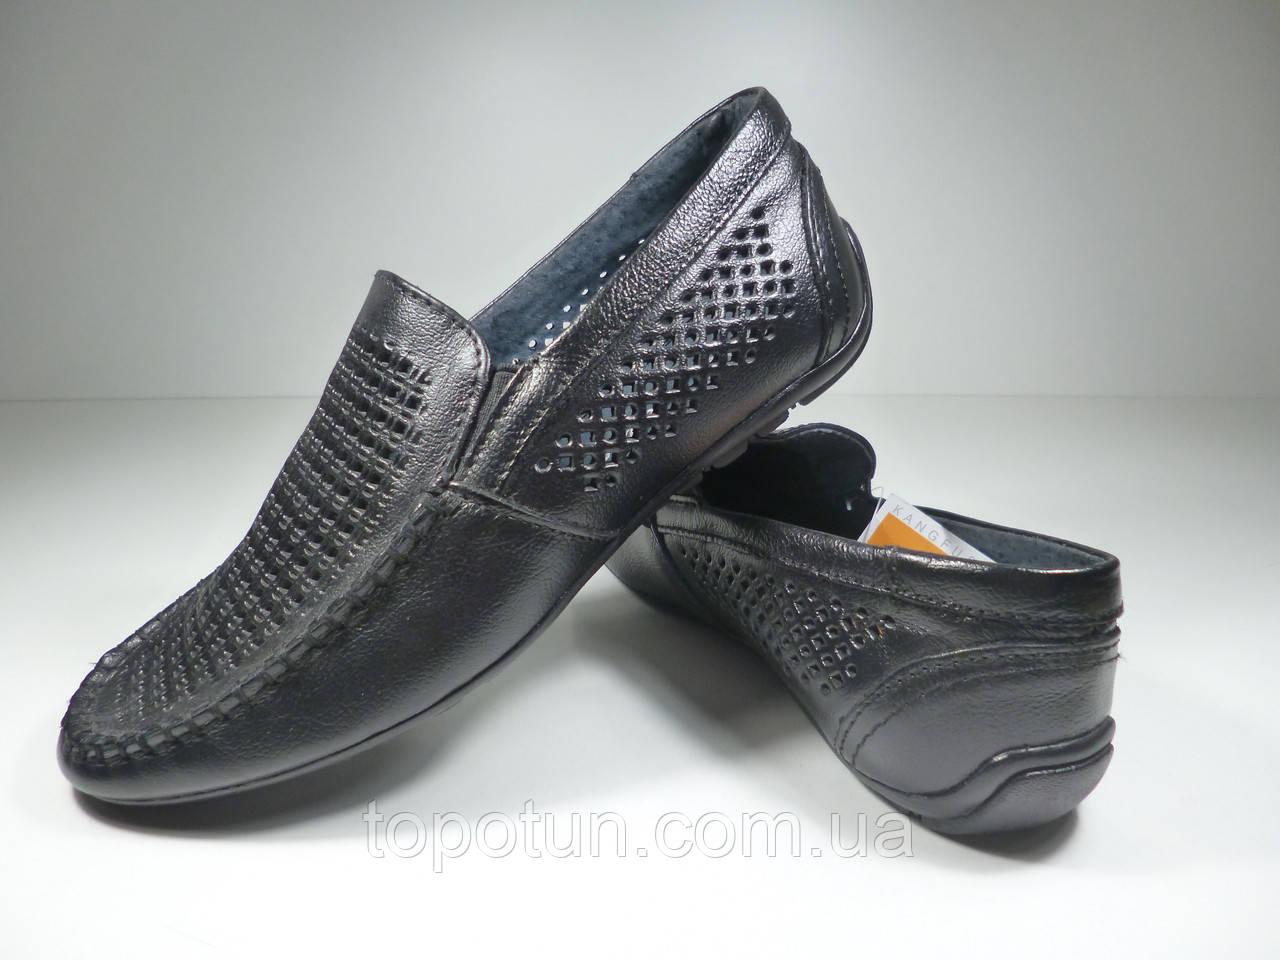 """Мокасины для мальчика """"Kangfu"""" кожаные Размер: 32,35"""